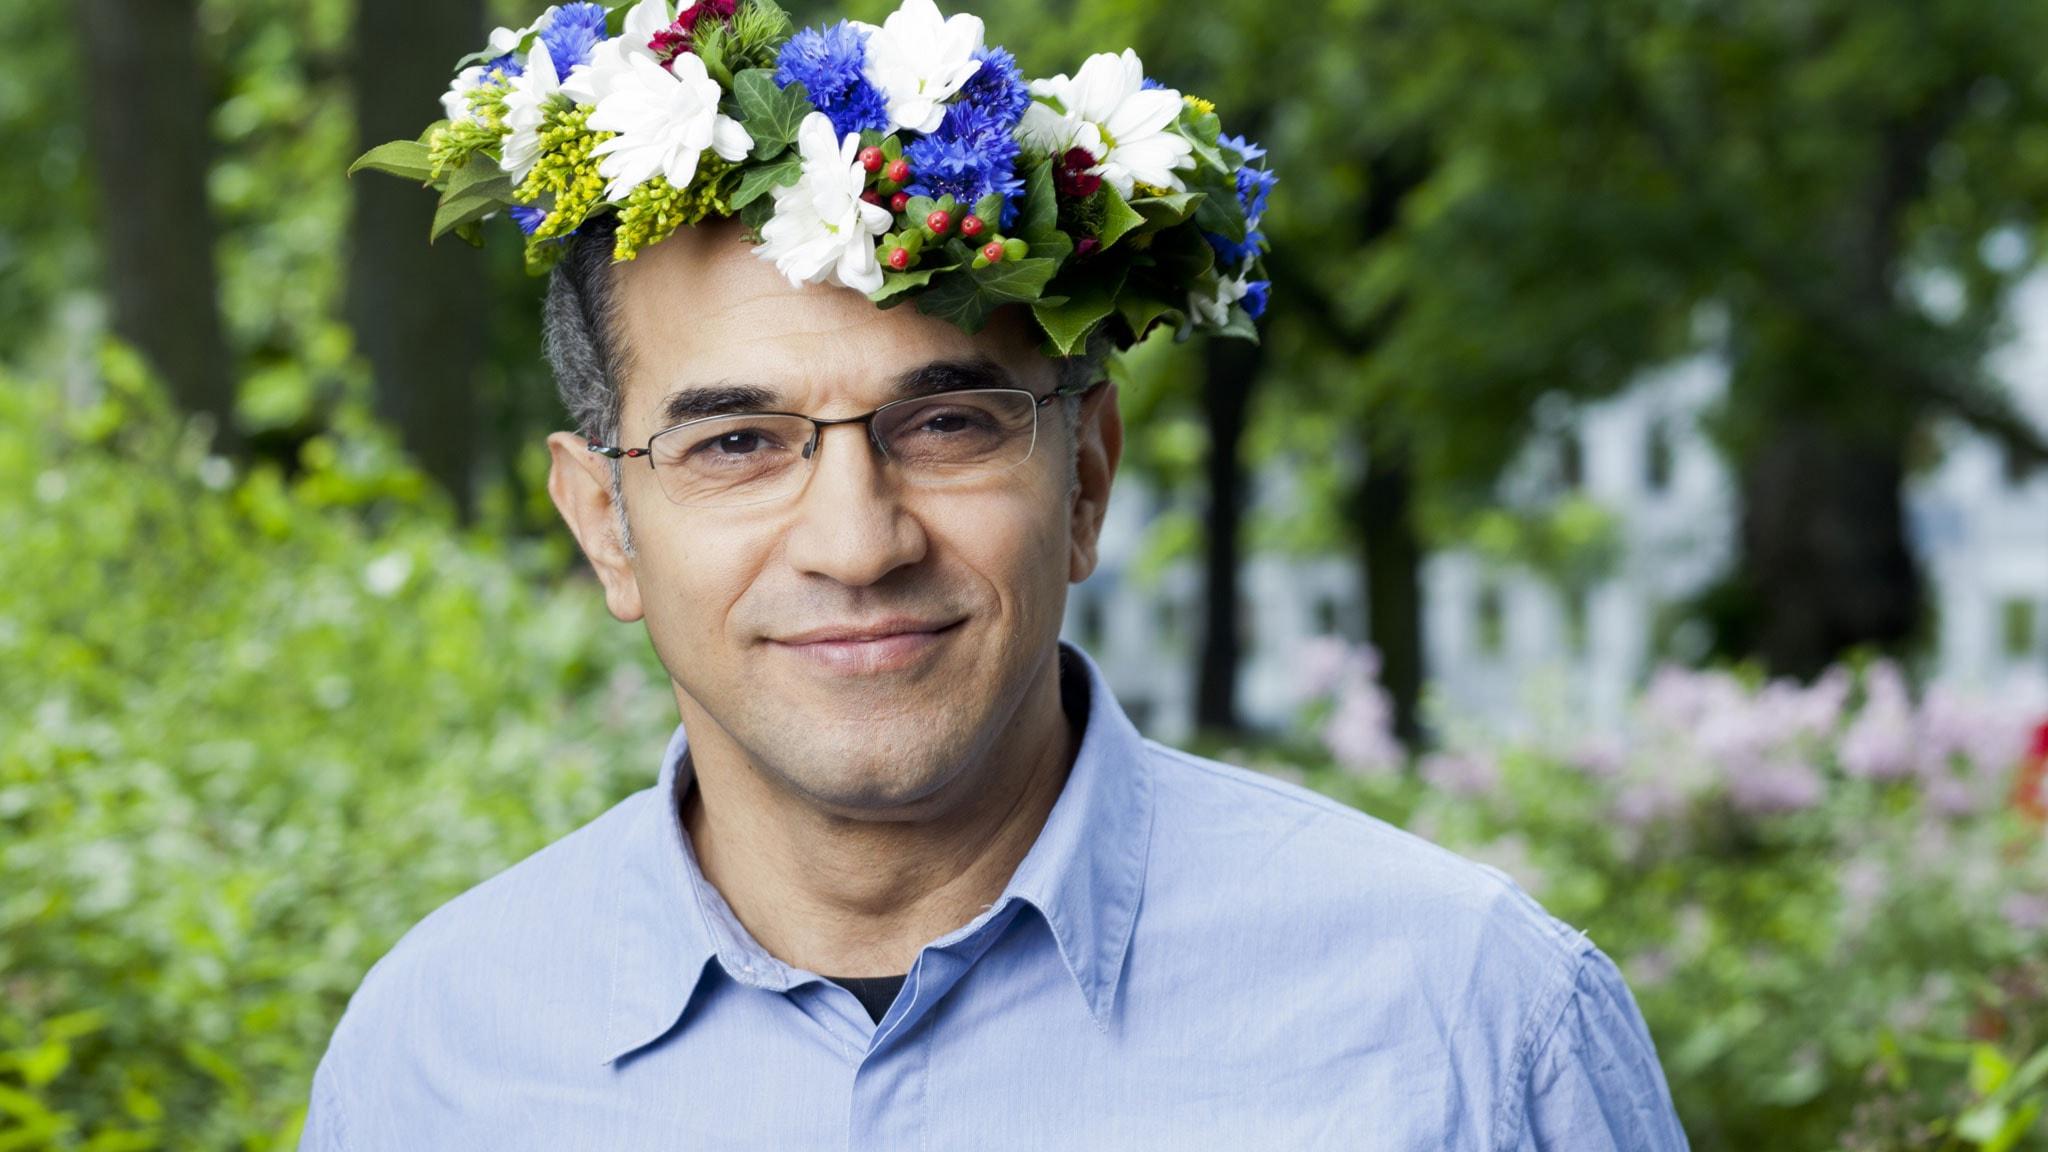 Magdi Abdelhadi foto: Mattias Ahlm/Sveriges Radio